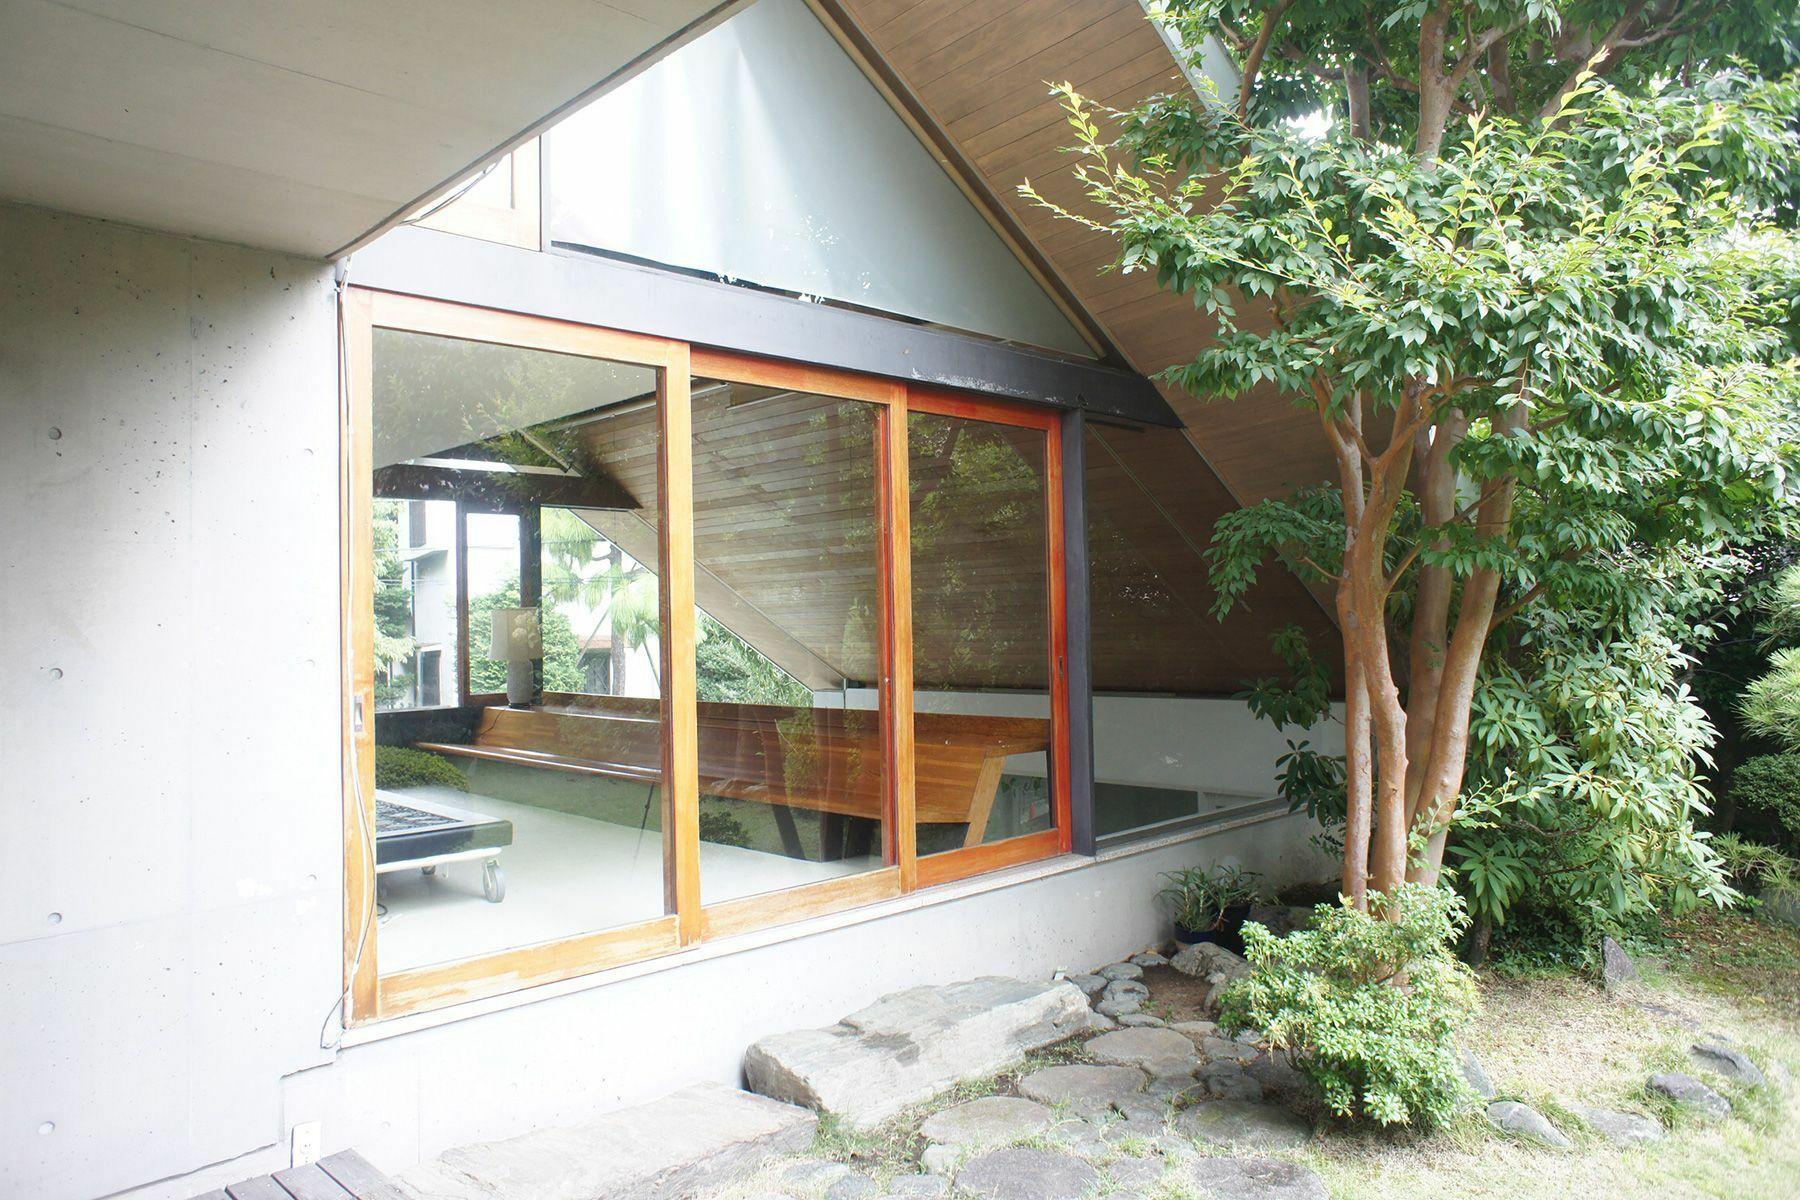 Arcstudio(アークスタジオ)和室 庭から室内